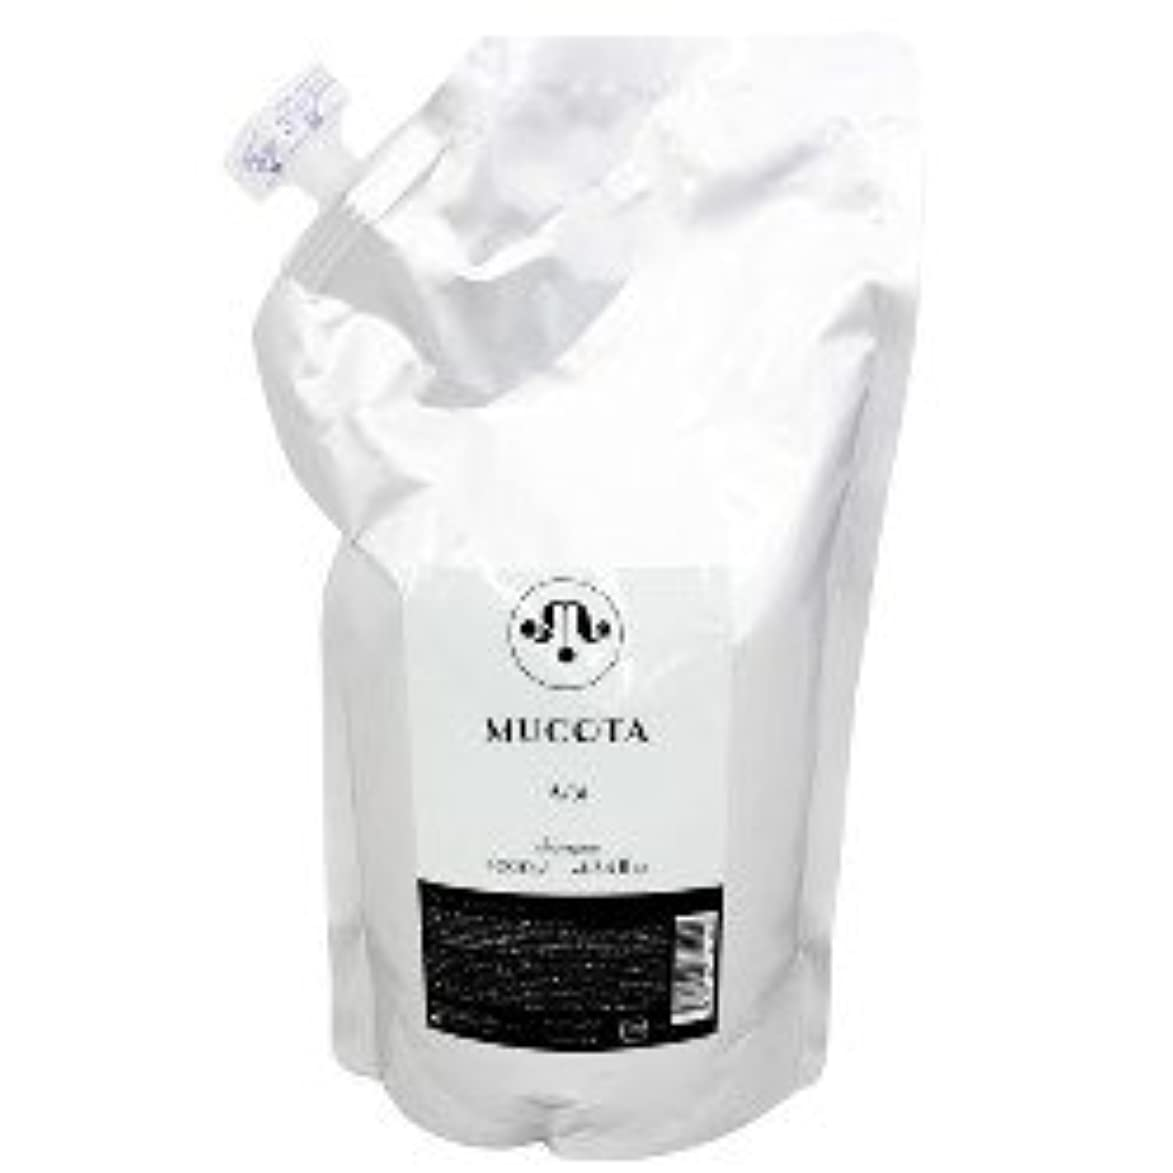 ムコタ ホームケア シャンプー A/31 1000ml × 3個 セット 詰め替え用 MUCOTA Home Care